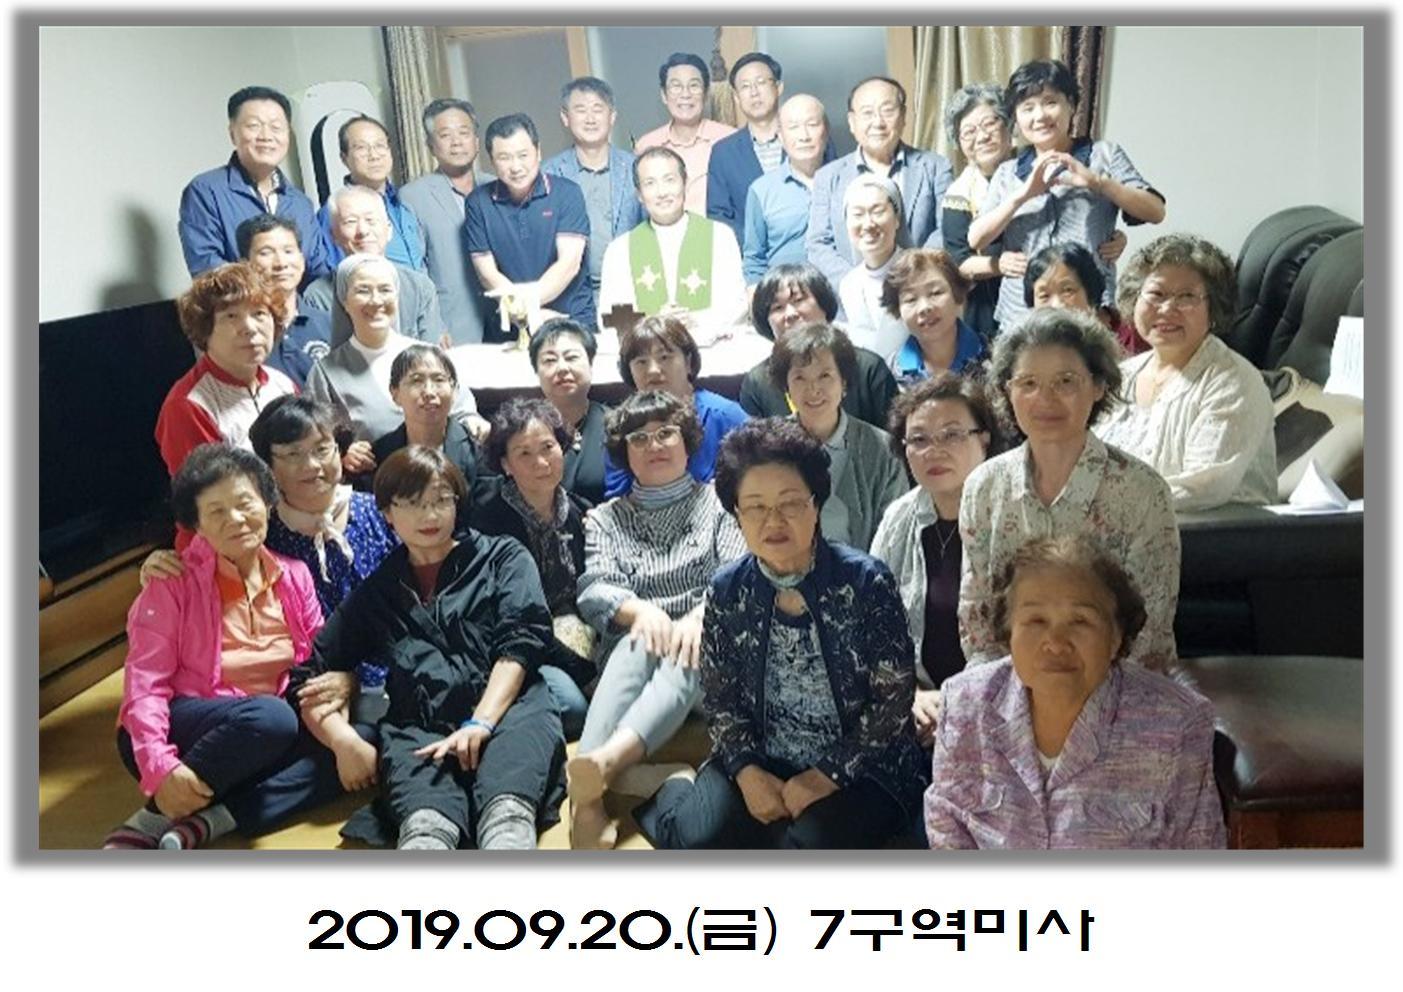 20190920(목)7구역미사.jpg